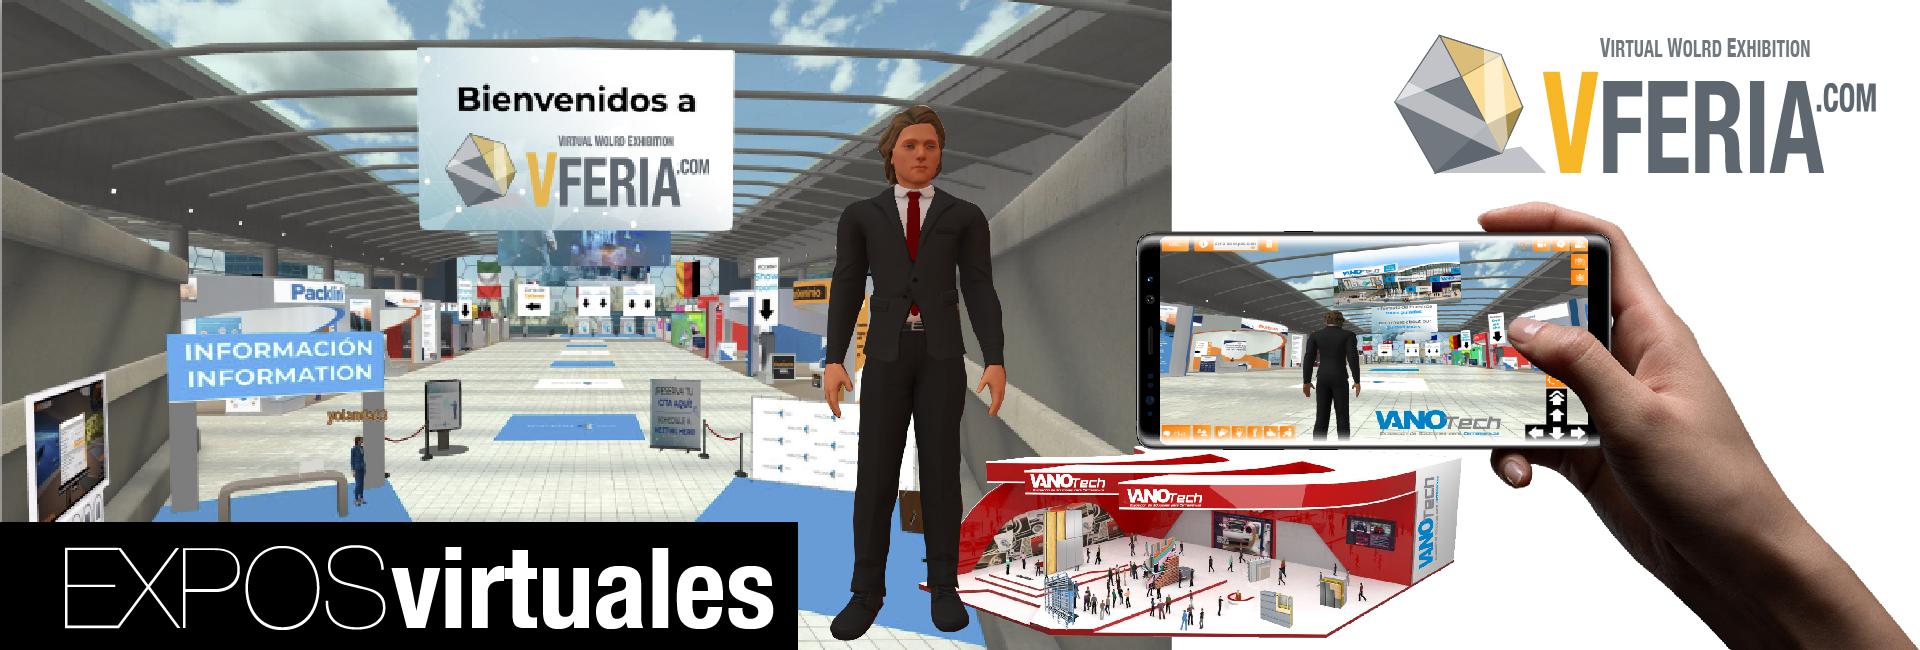 Expos_virtuales